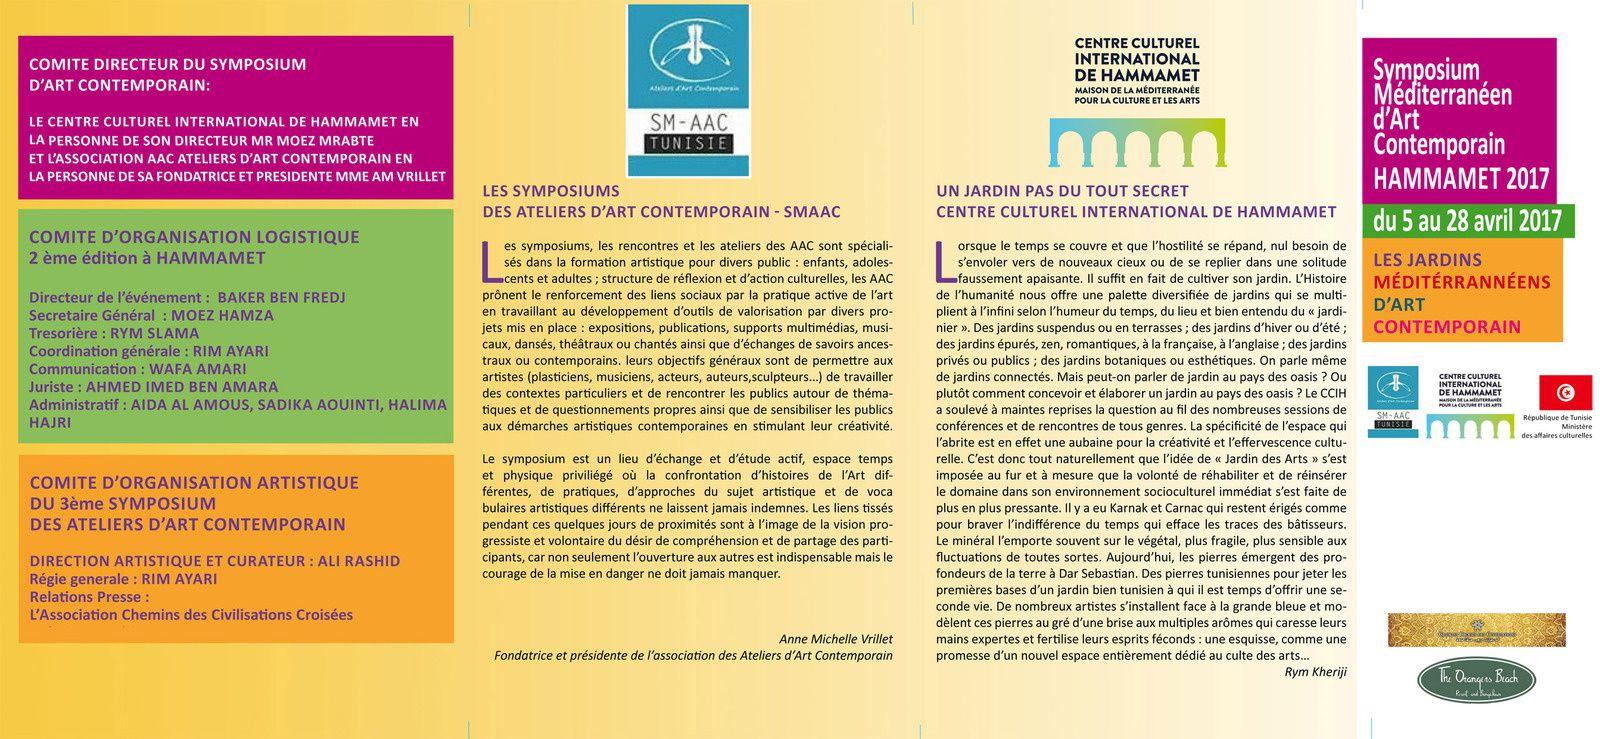 SMAAC -Symposium Méditerranéen des Ateliers d'Art Contemporain - 2017 en partenariat avec le Centre Culturel International d'Hammamet, Maison de la Méditerranée pour la Culture et les Arts